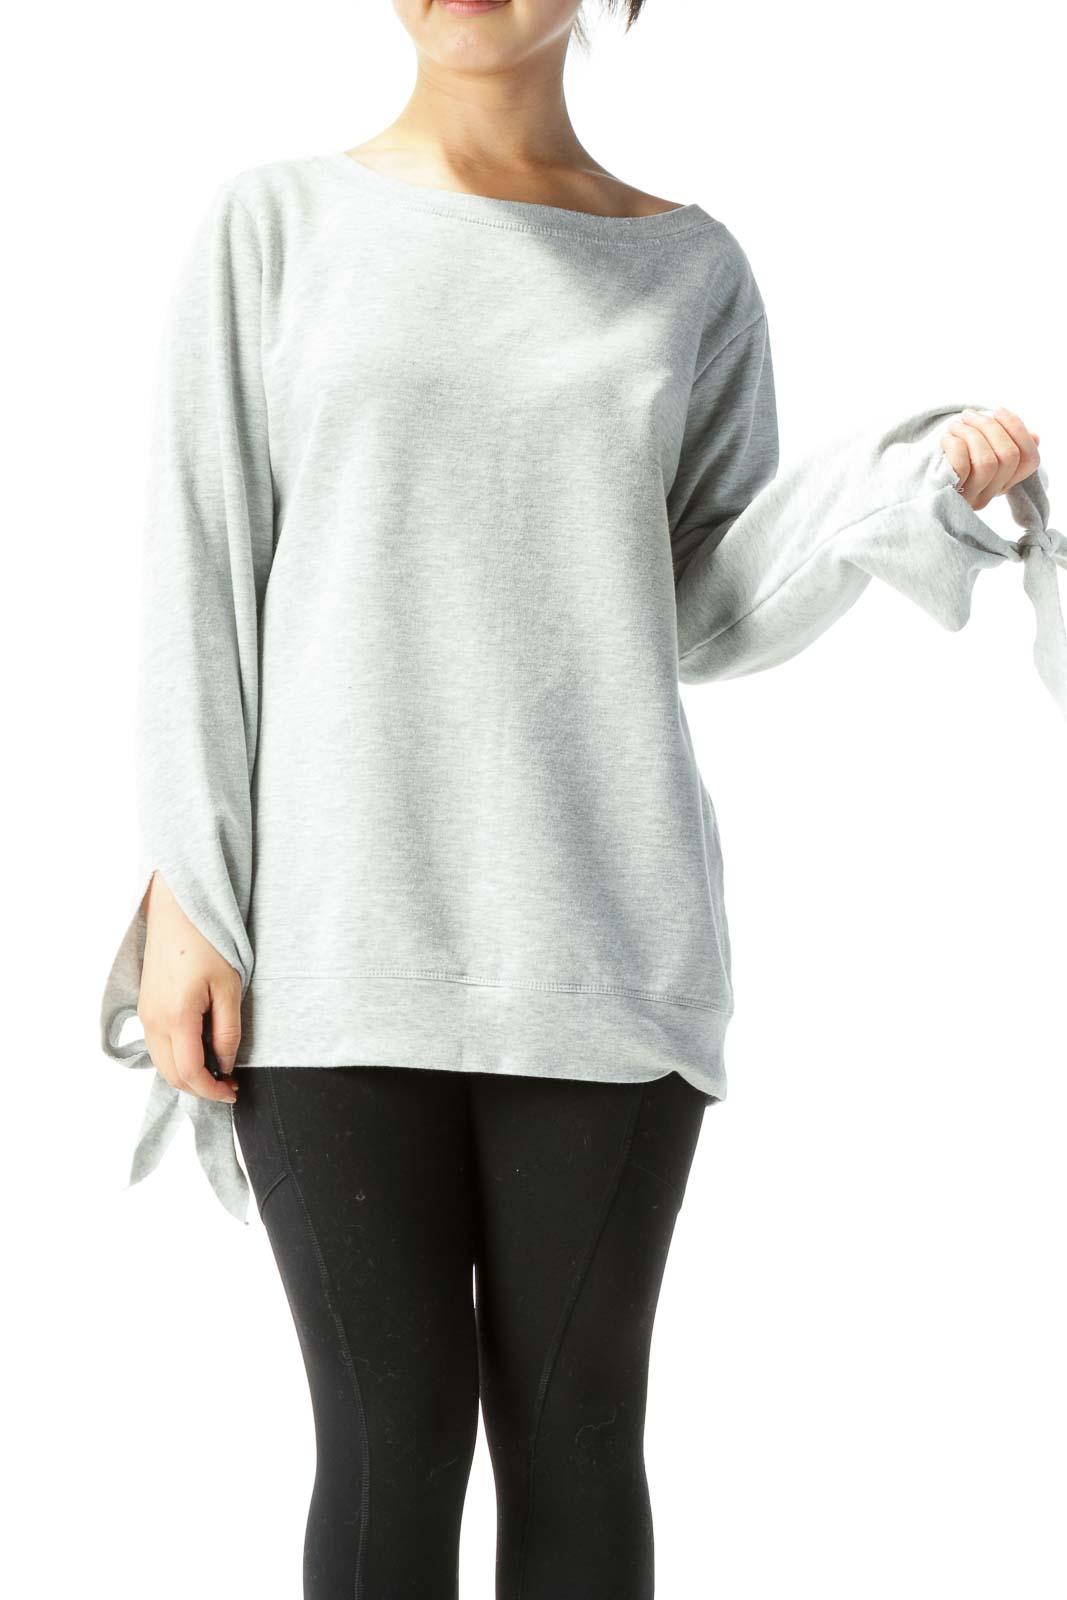 Heather Gray Long-Sleeve Sweatshirt w/ Ties on Wrists Front